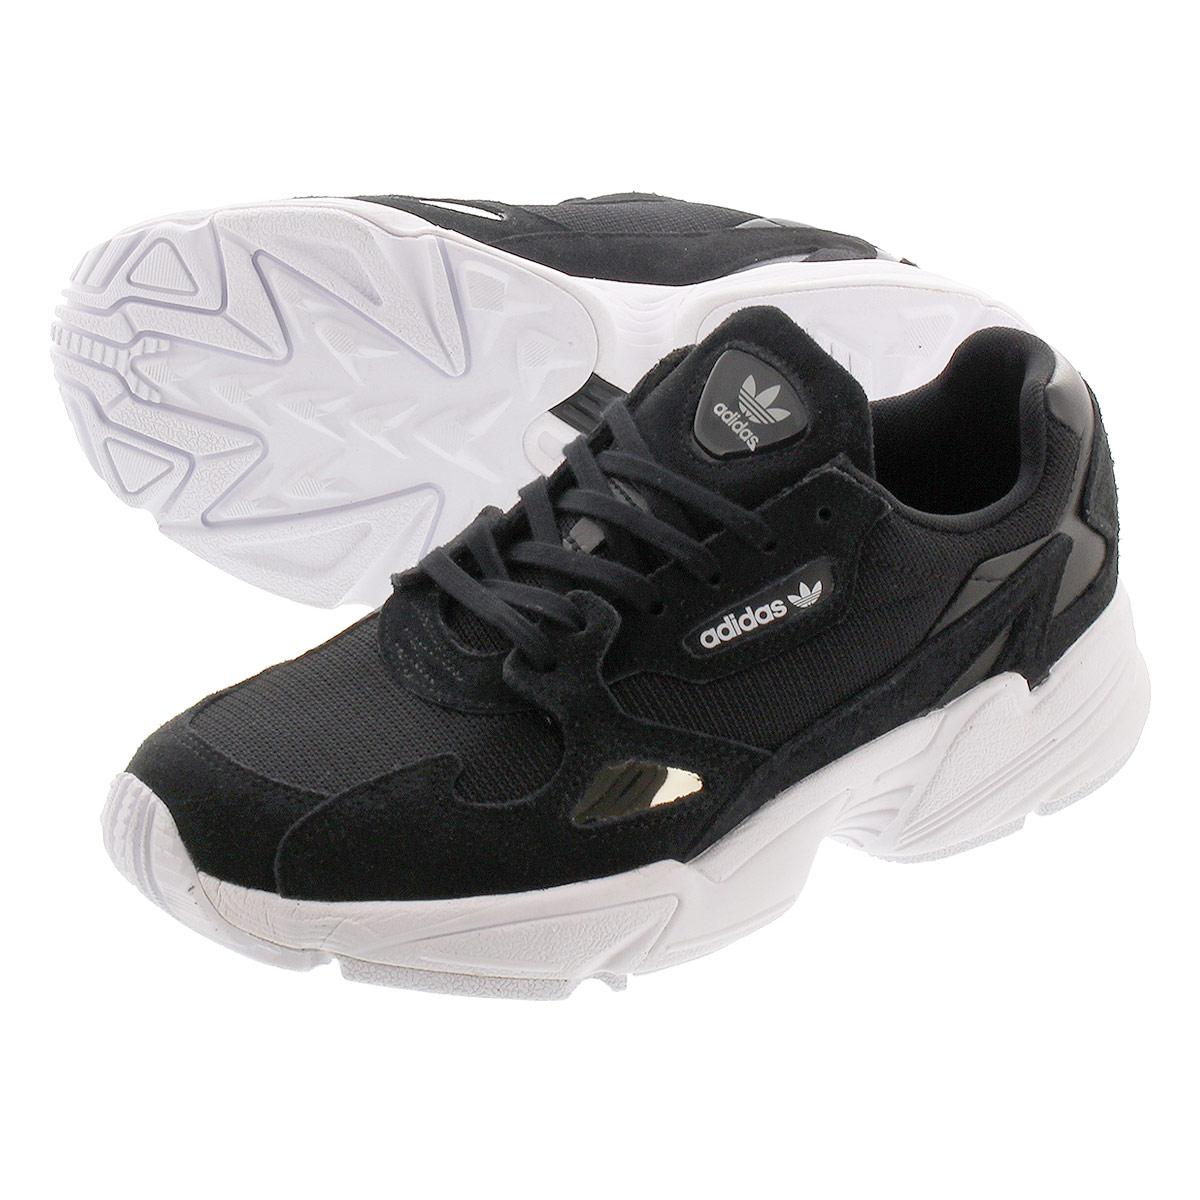 送料無料 ADIDAS アディダス レディース 靴 スニーカー ブラック ホワイト 黒 激安価格と即納で通信販売 白 b28129 ADIDASFALCON ウィメンズ 激安挑戦中 WHITE BLACK 毎日がお得 値下げプライス RUNNING CORE adidas アディダスファルコン W